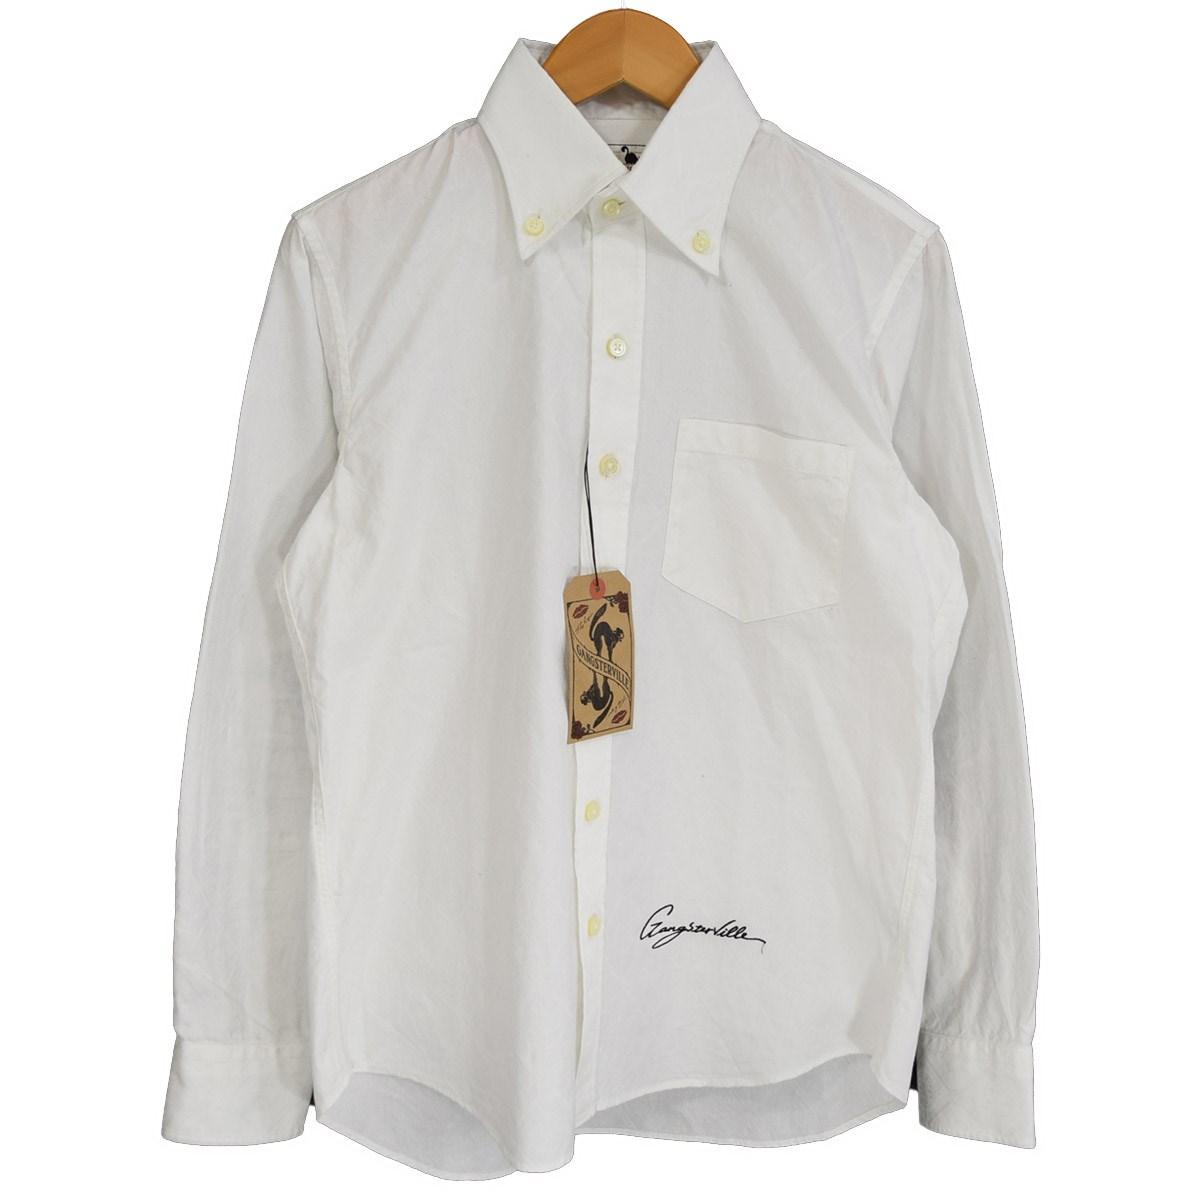 【中古】GANGSTERVILLE SMUGGLER-L/S SHIRT ロングスリーブシャツ 2019AW GSV-19-AW-27 ホワイト サイズ:S 【060420】(ギャングスタービル)